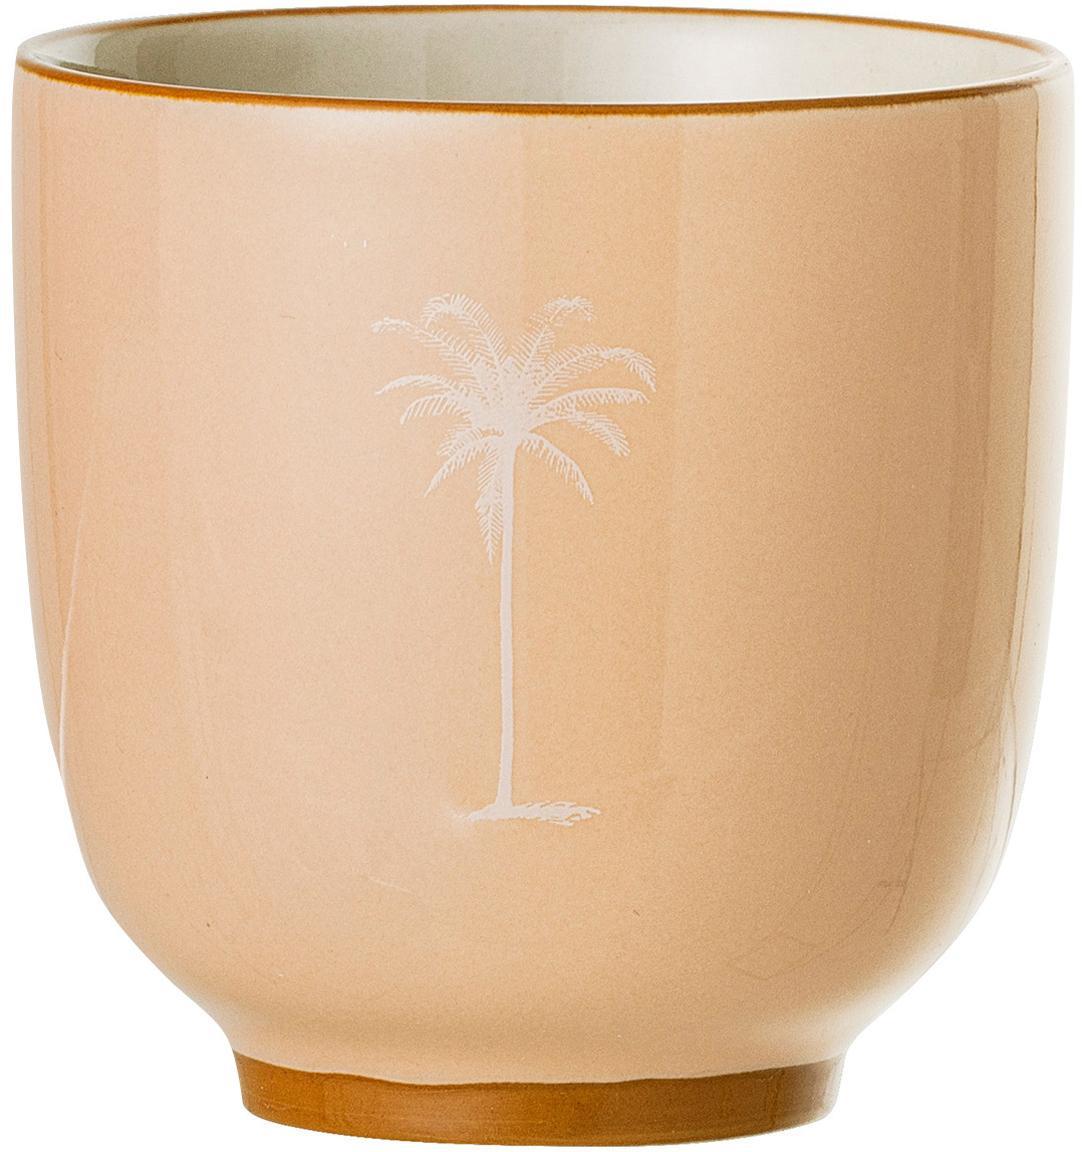 Tazza da te con motivo a palma Reese 2 pz, Ceramica, Salmone, beige chiaro, Ø 7 x Alt. 7 cm